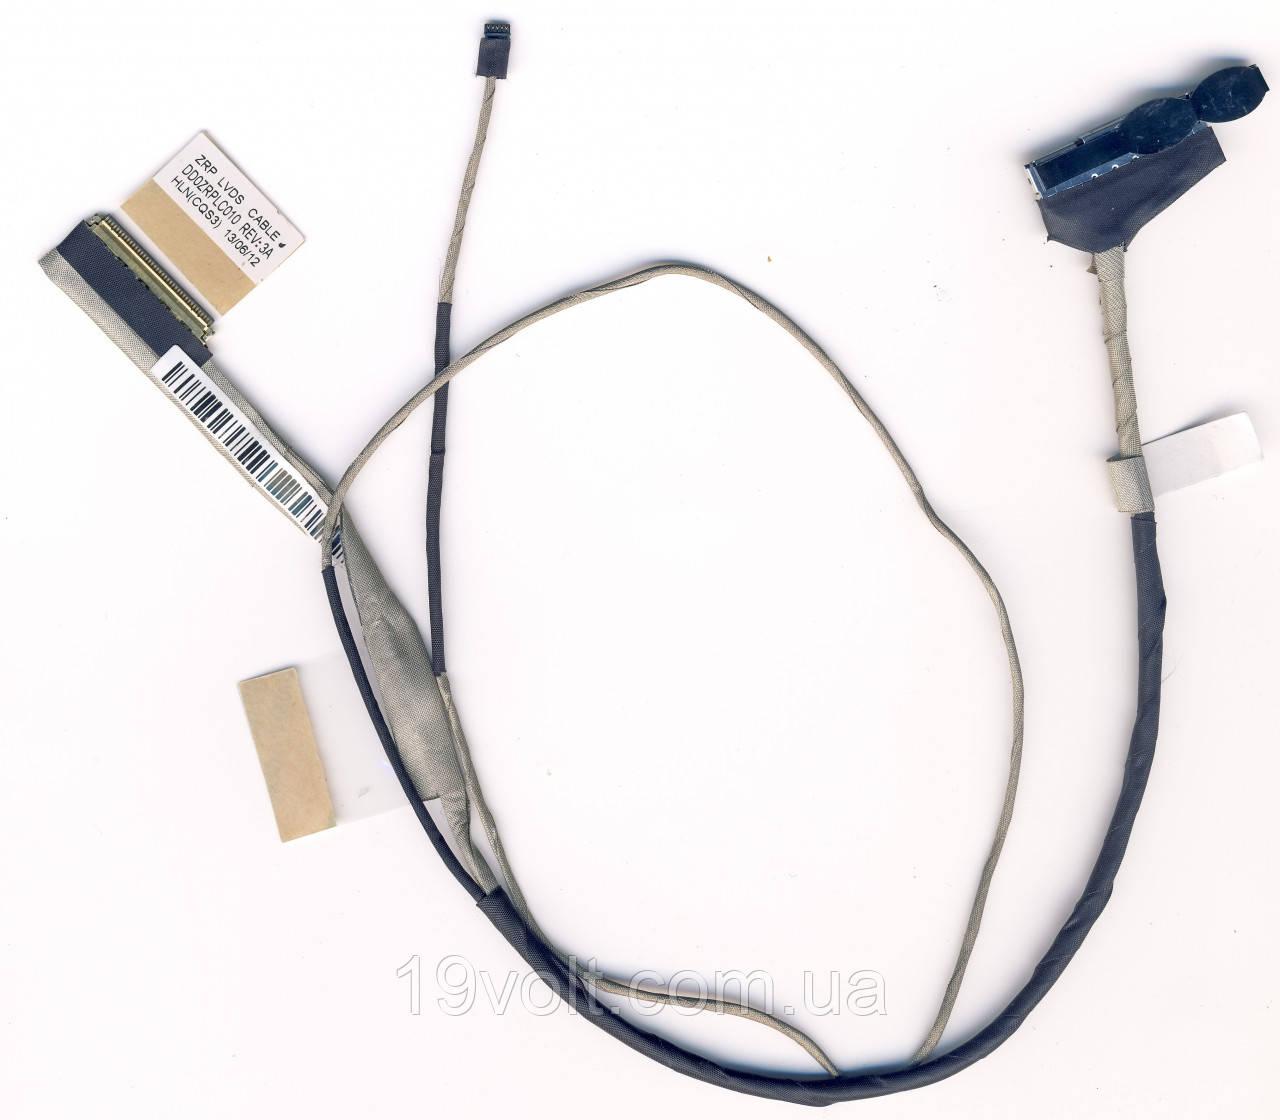 Шлейф матрицы ACER Aspire V5-551G V5-551 DD0ZRPlc010